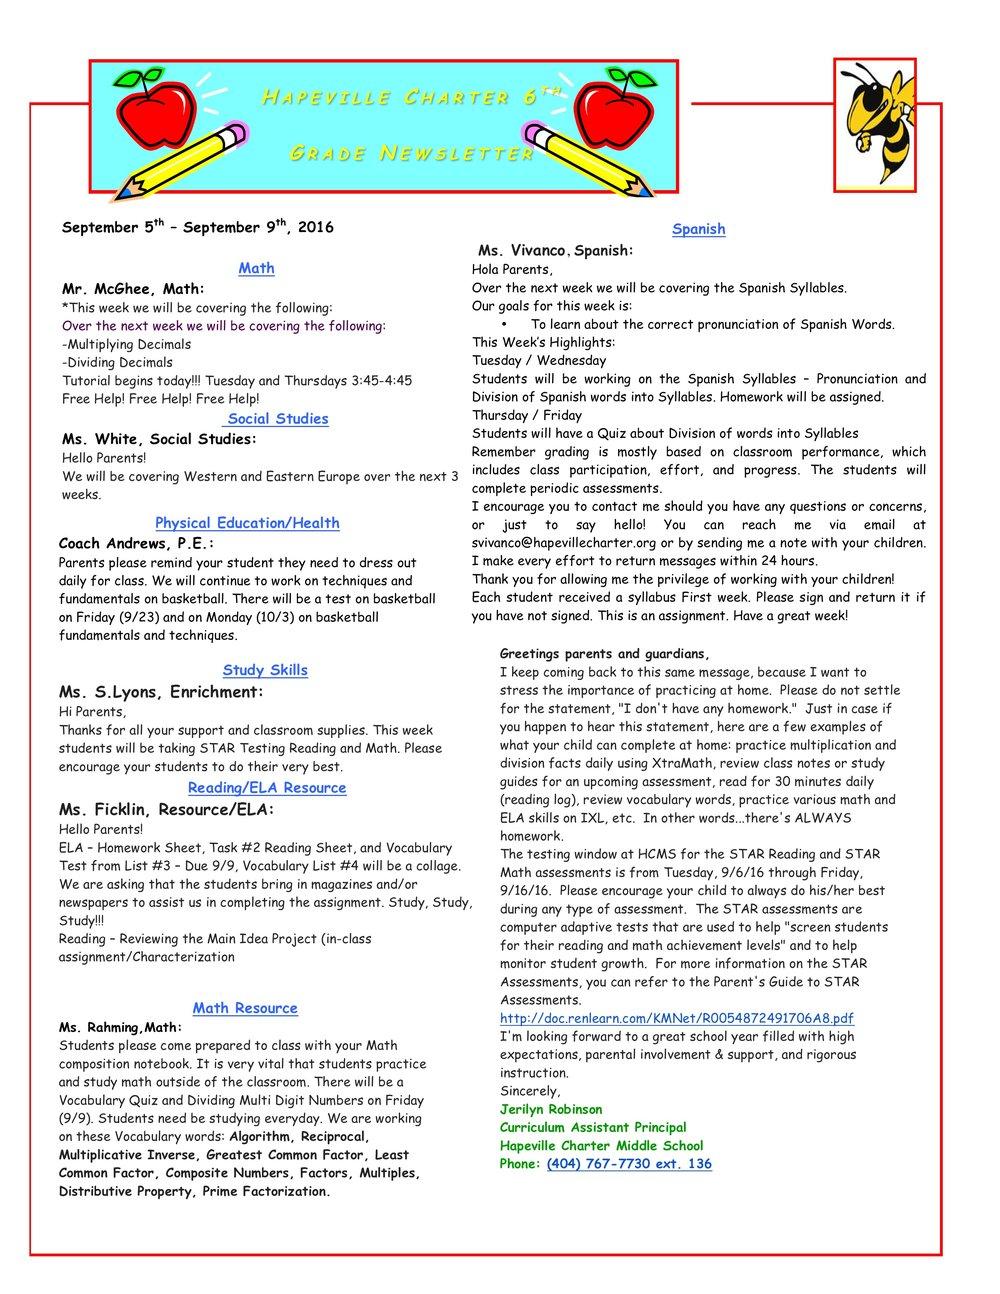 Newsletter Image6th Grade Newsletter 9-5-2016.jpeg